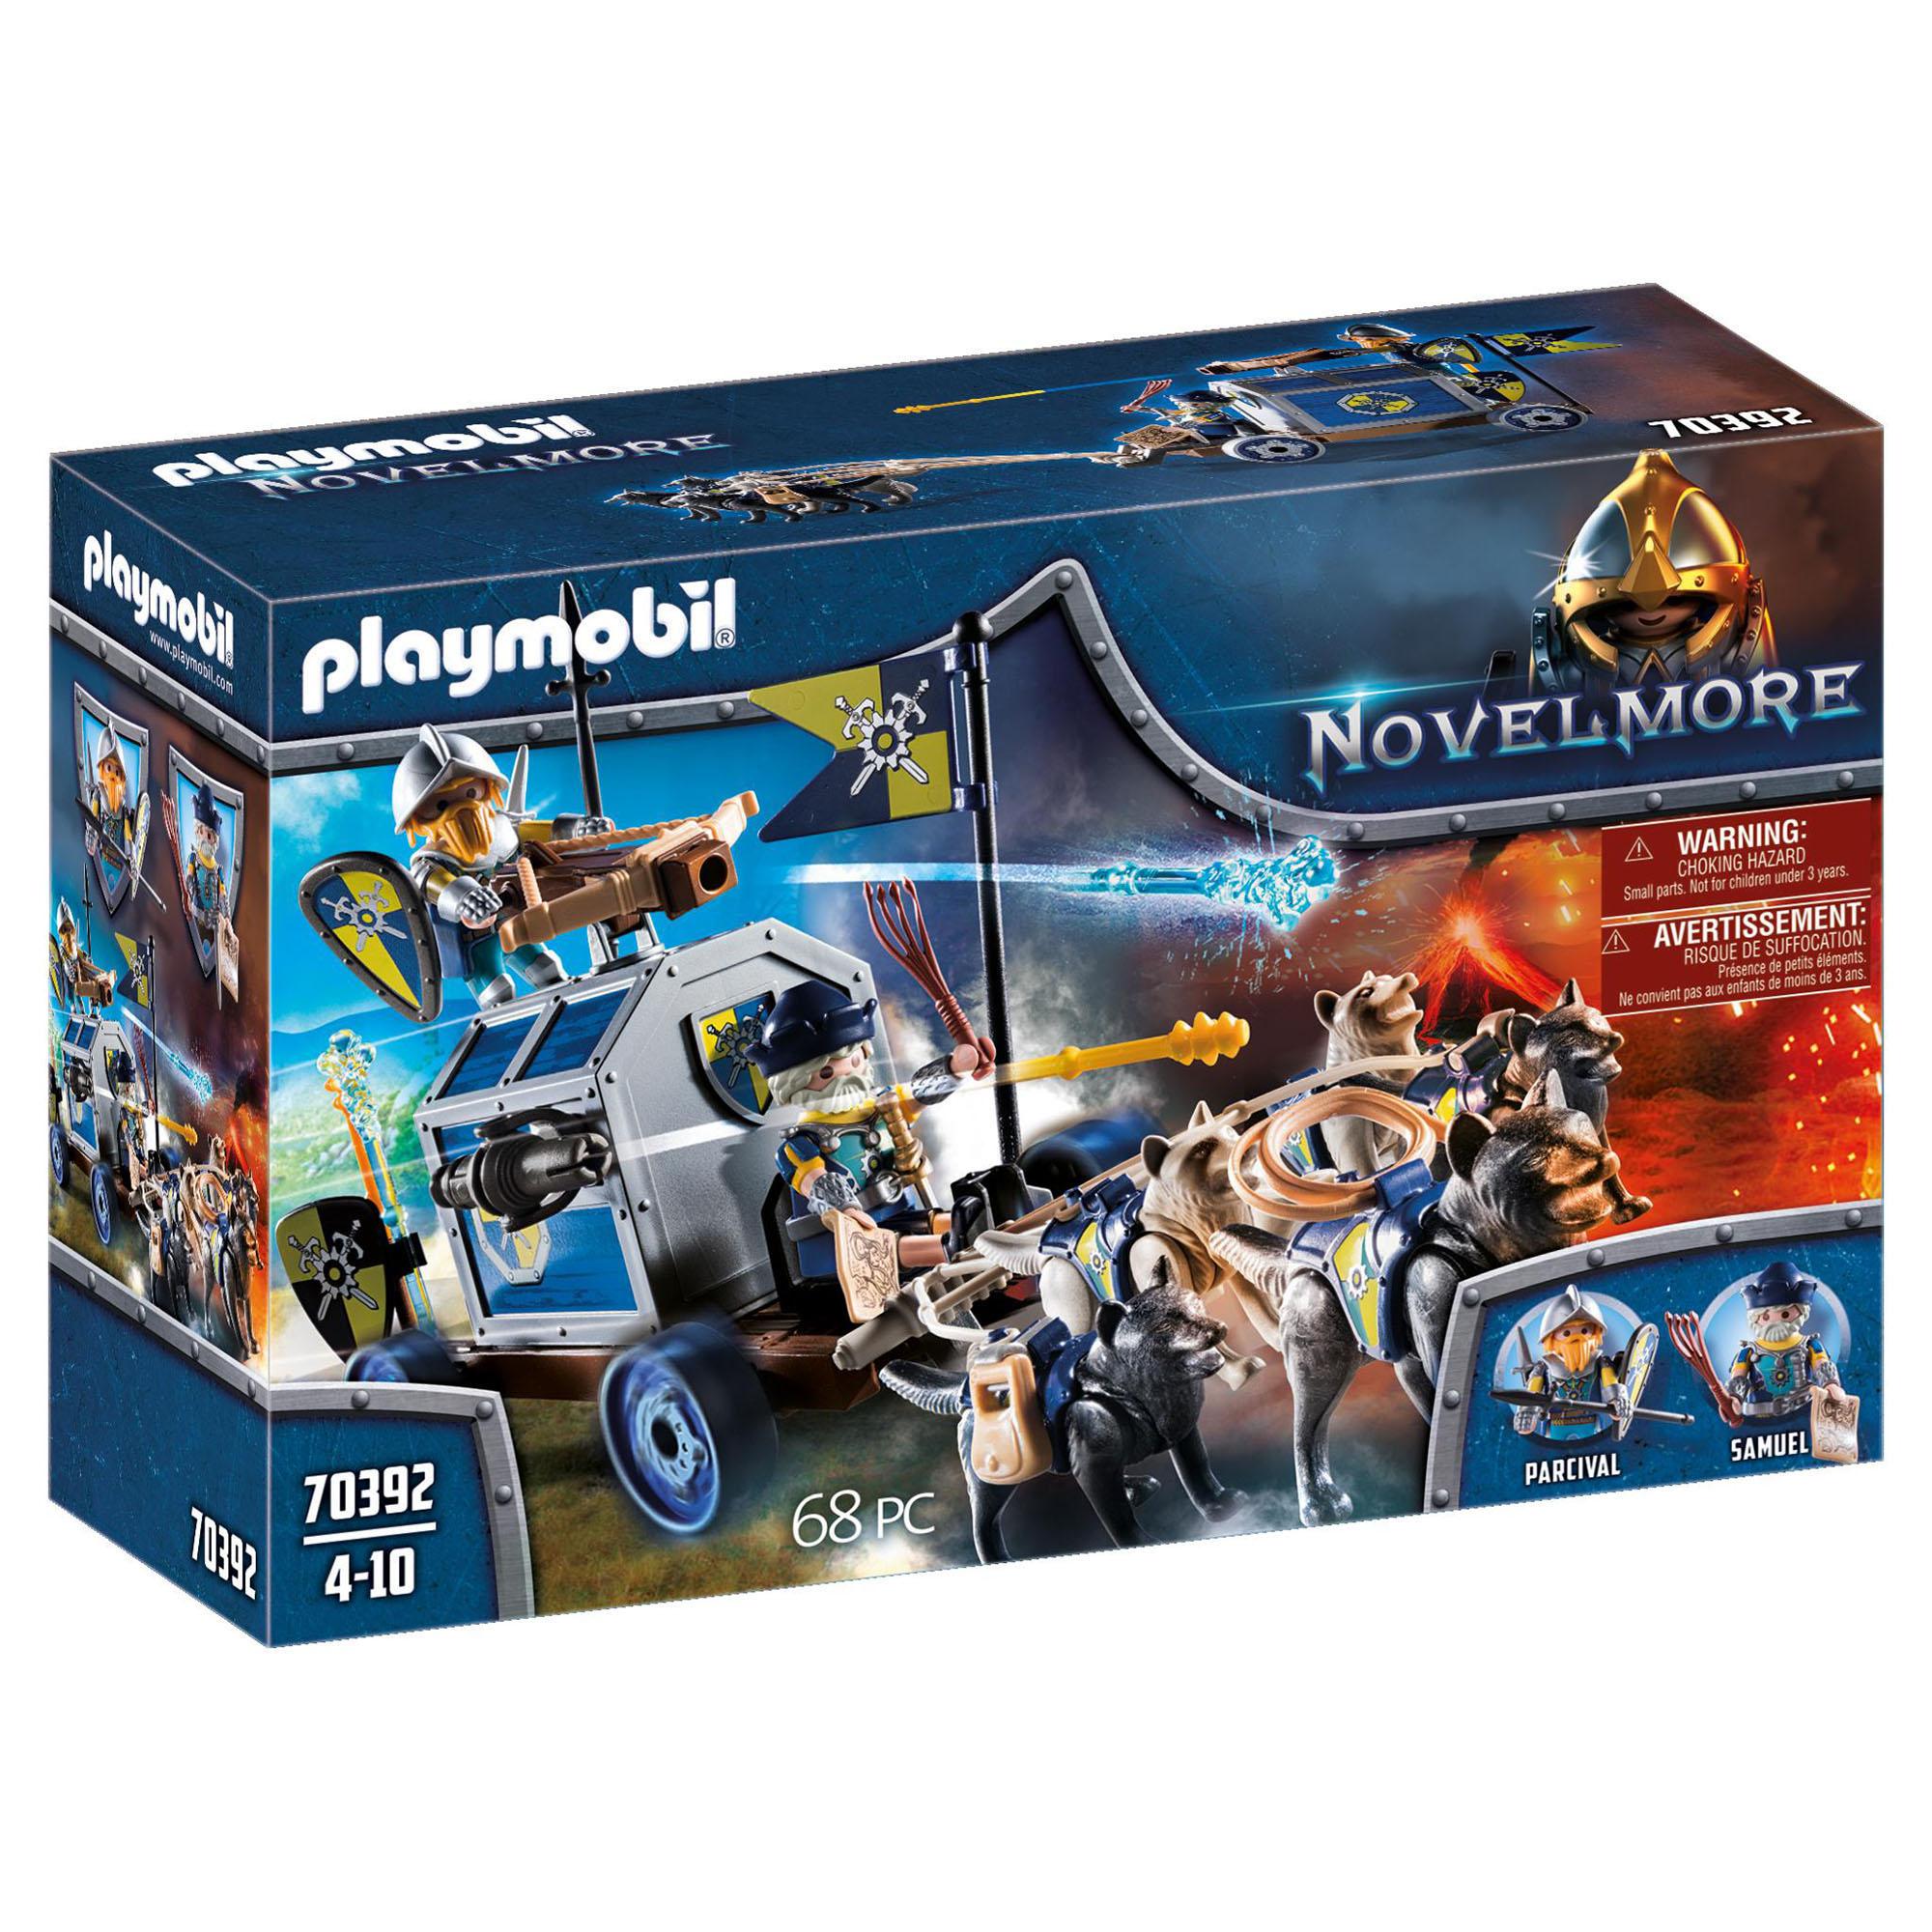 Transportor de comori playmobil novelmore